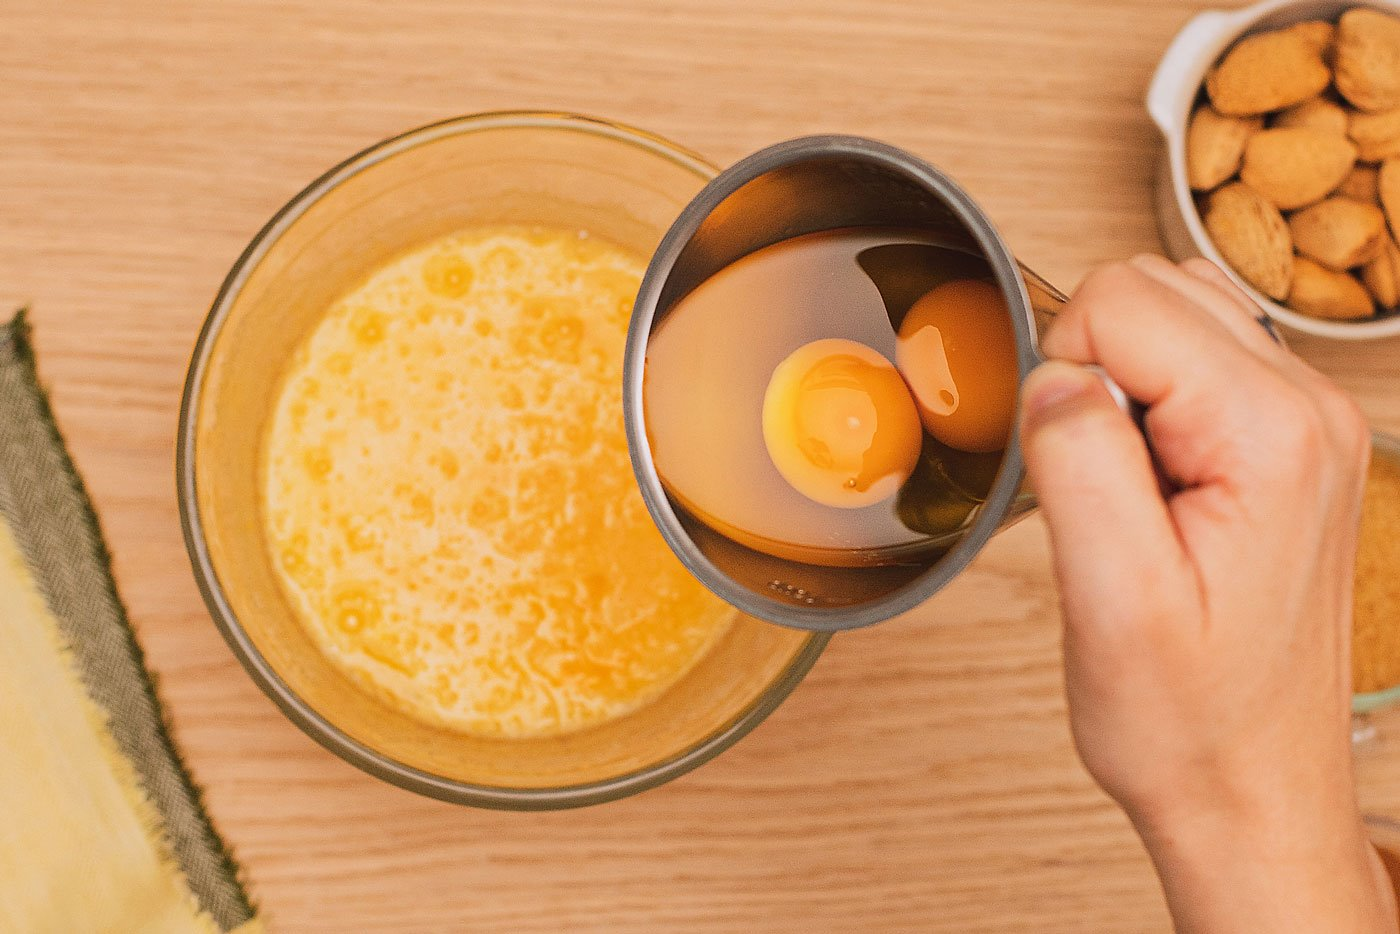 2. Incorpora los huevos